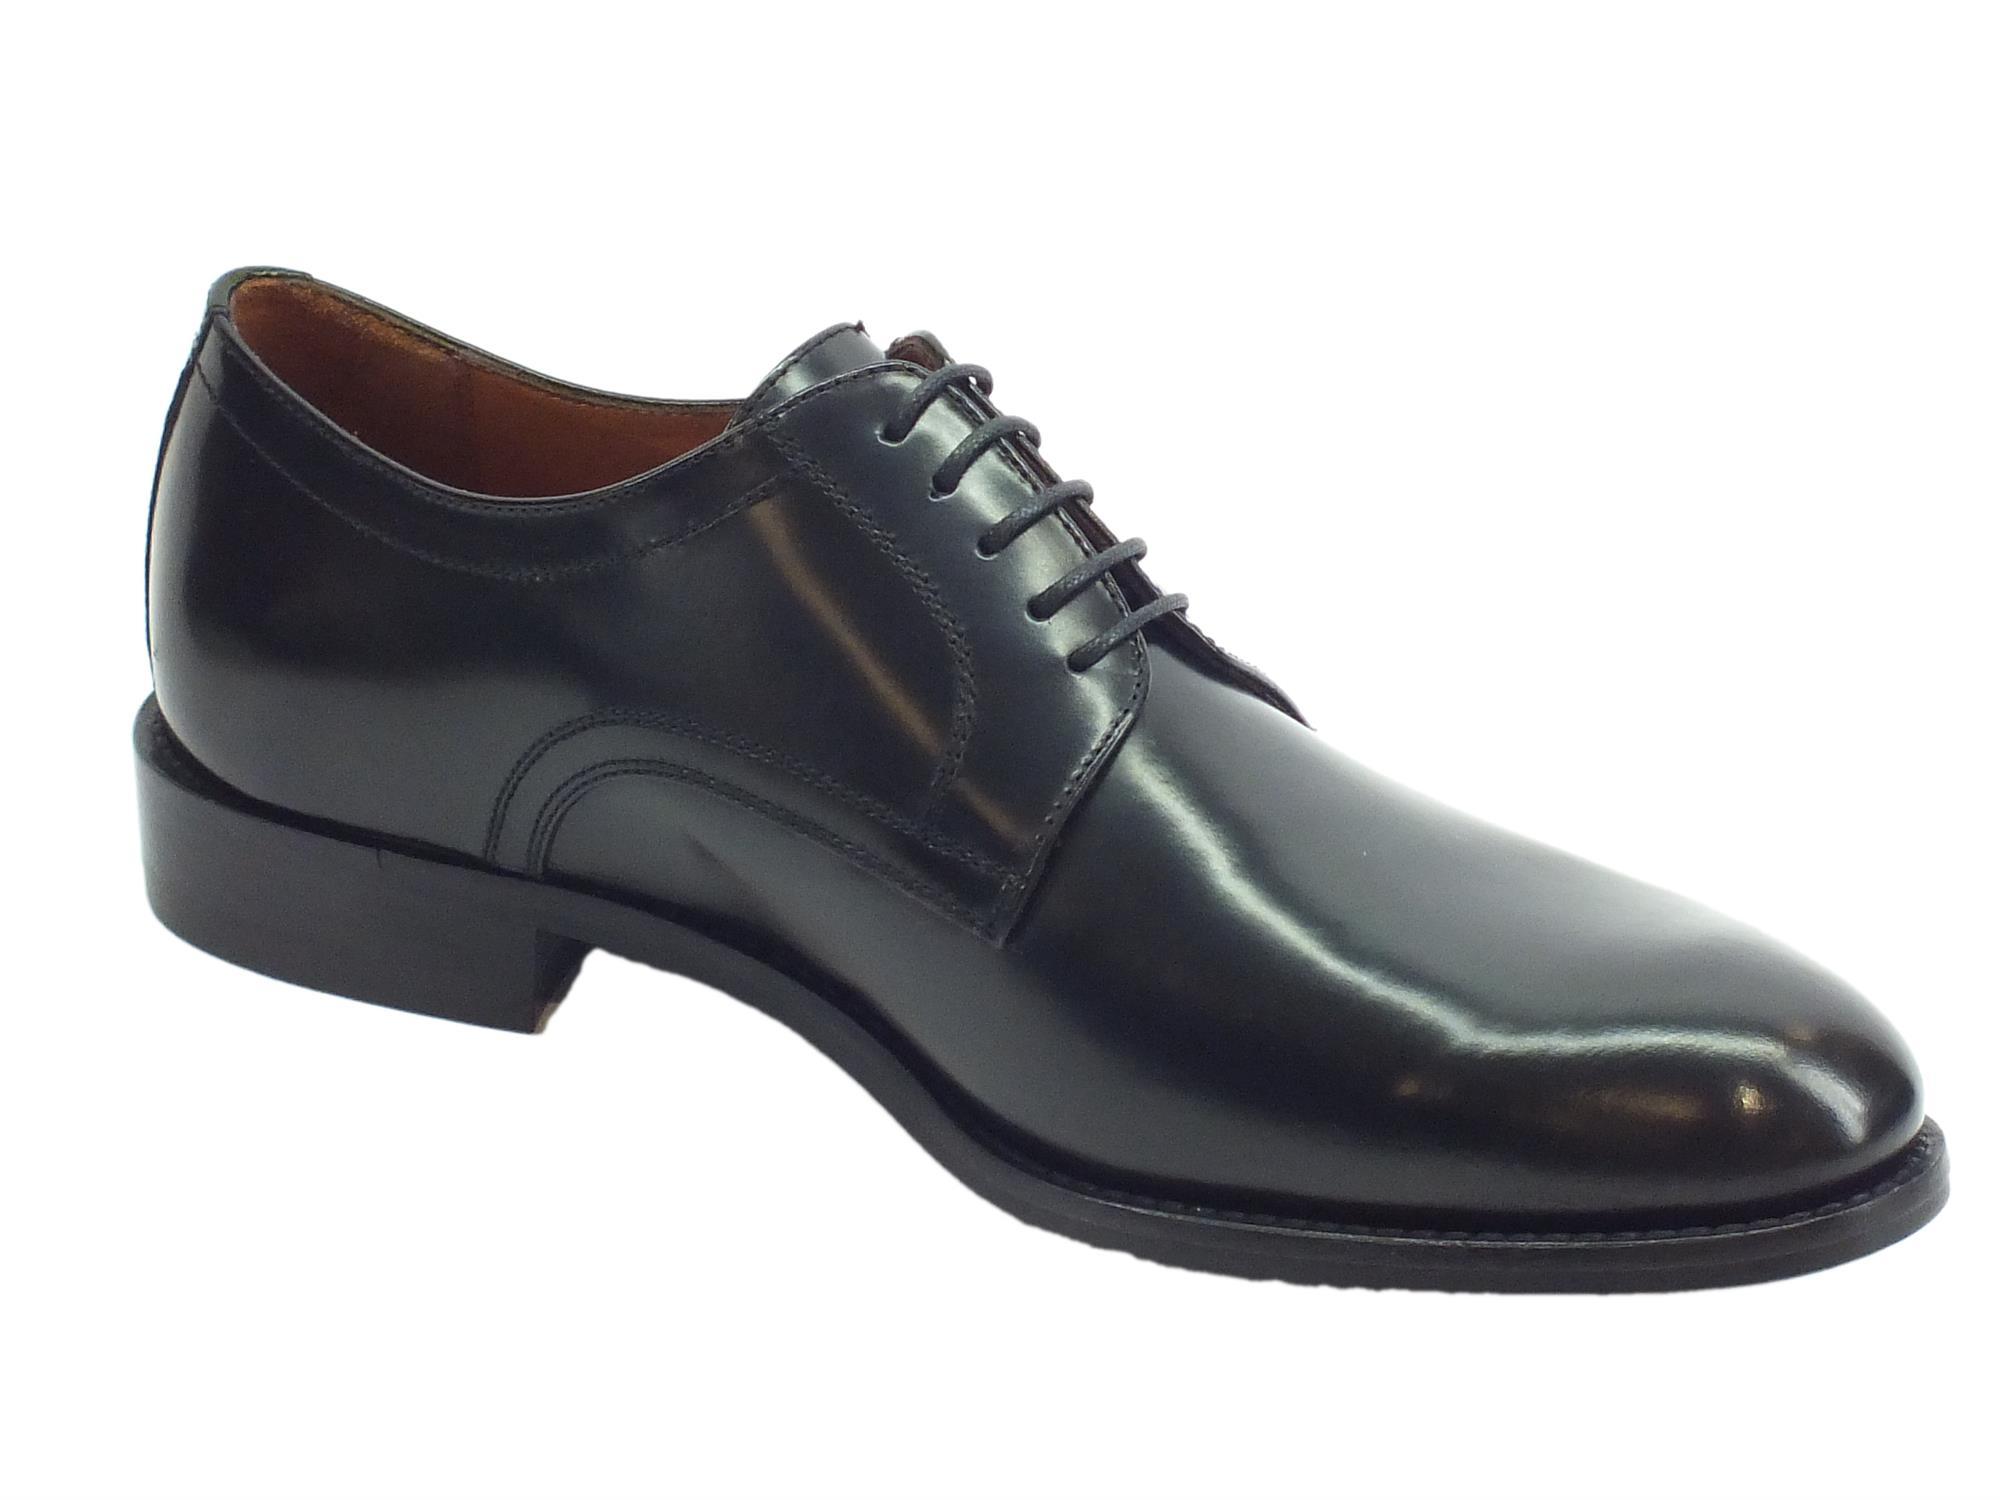 ... Scarpe eleganti per uomo Mercanti Fiorentini in pelle abrasivata nera  ... 8bc814f40e1